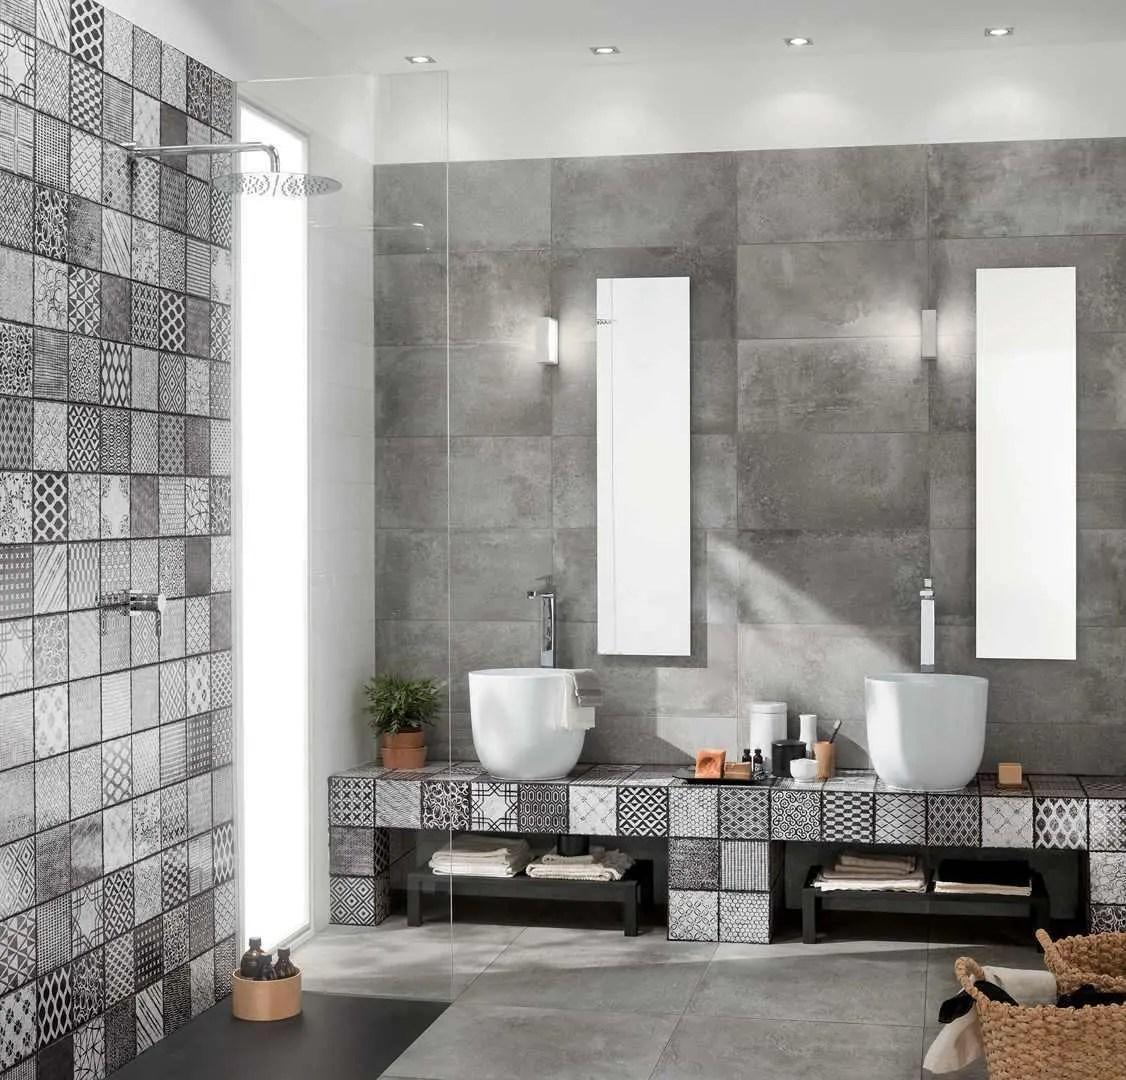 Piastrelle bagno cementine immagine di una stanza da bagno con doccia con ante lisce ante for Placcaggio cucina moderna